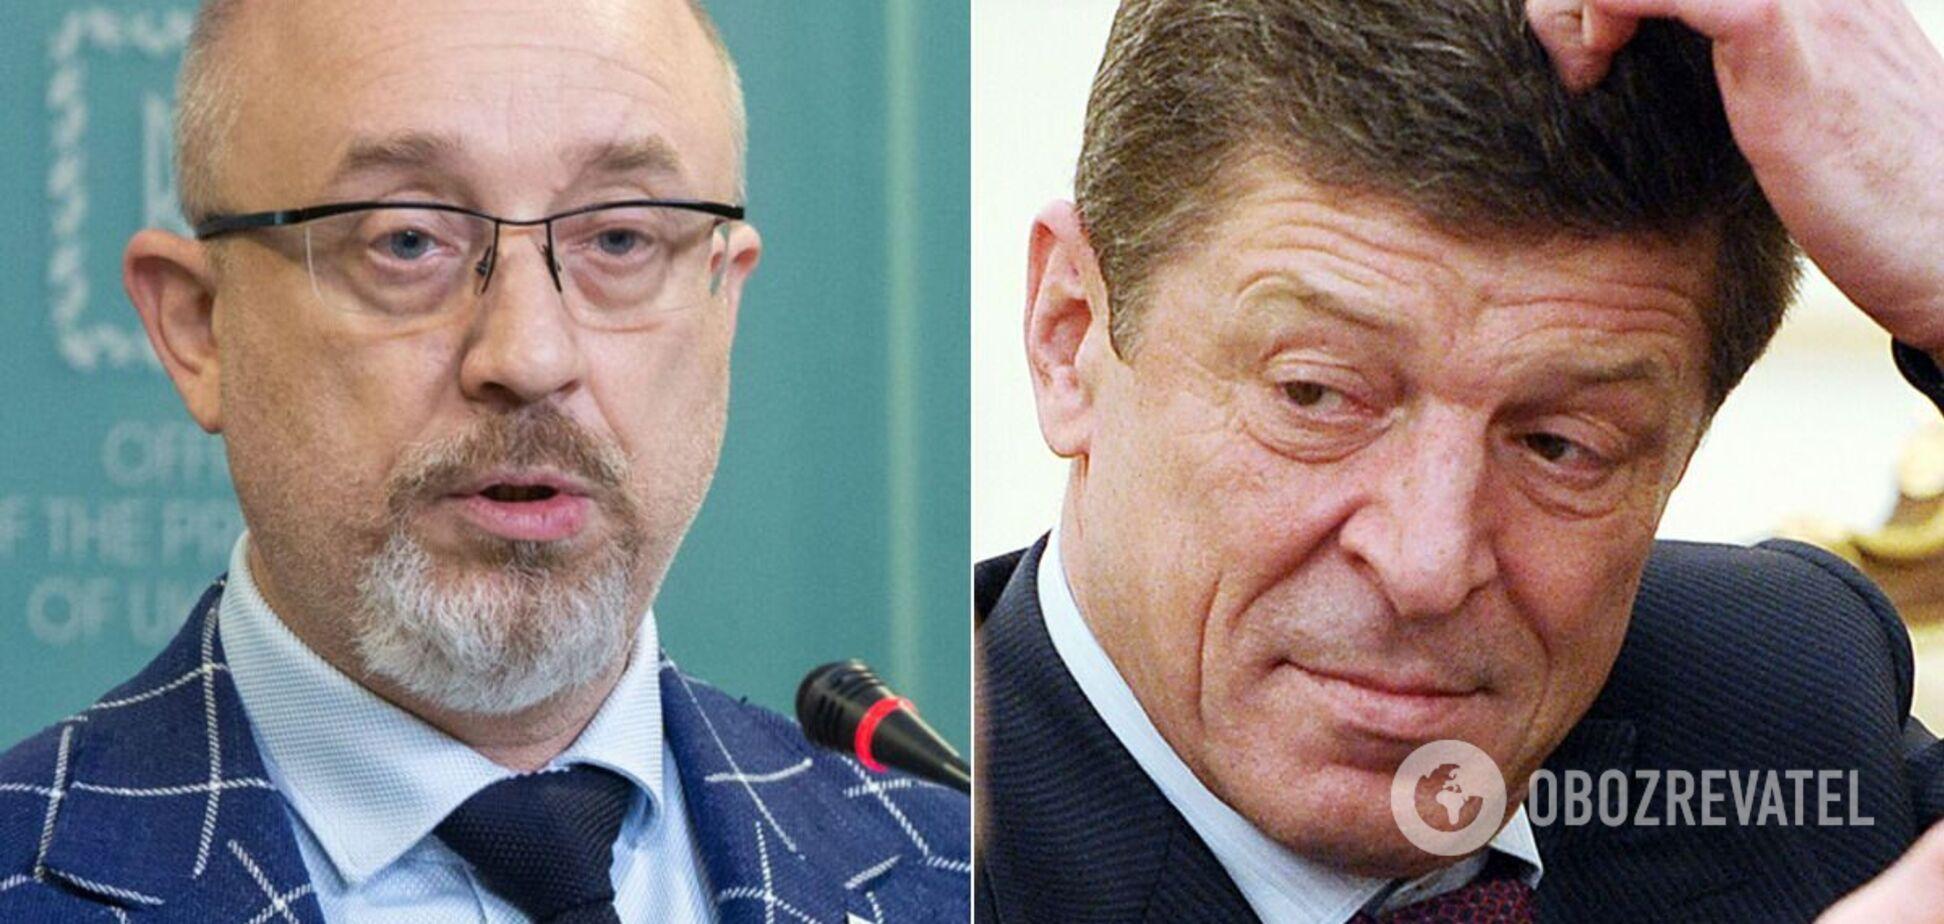 Козак и Резников выступили с разными заявлениями по выборам на Донбассе